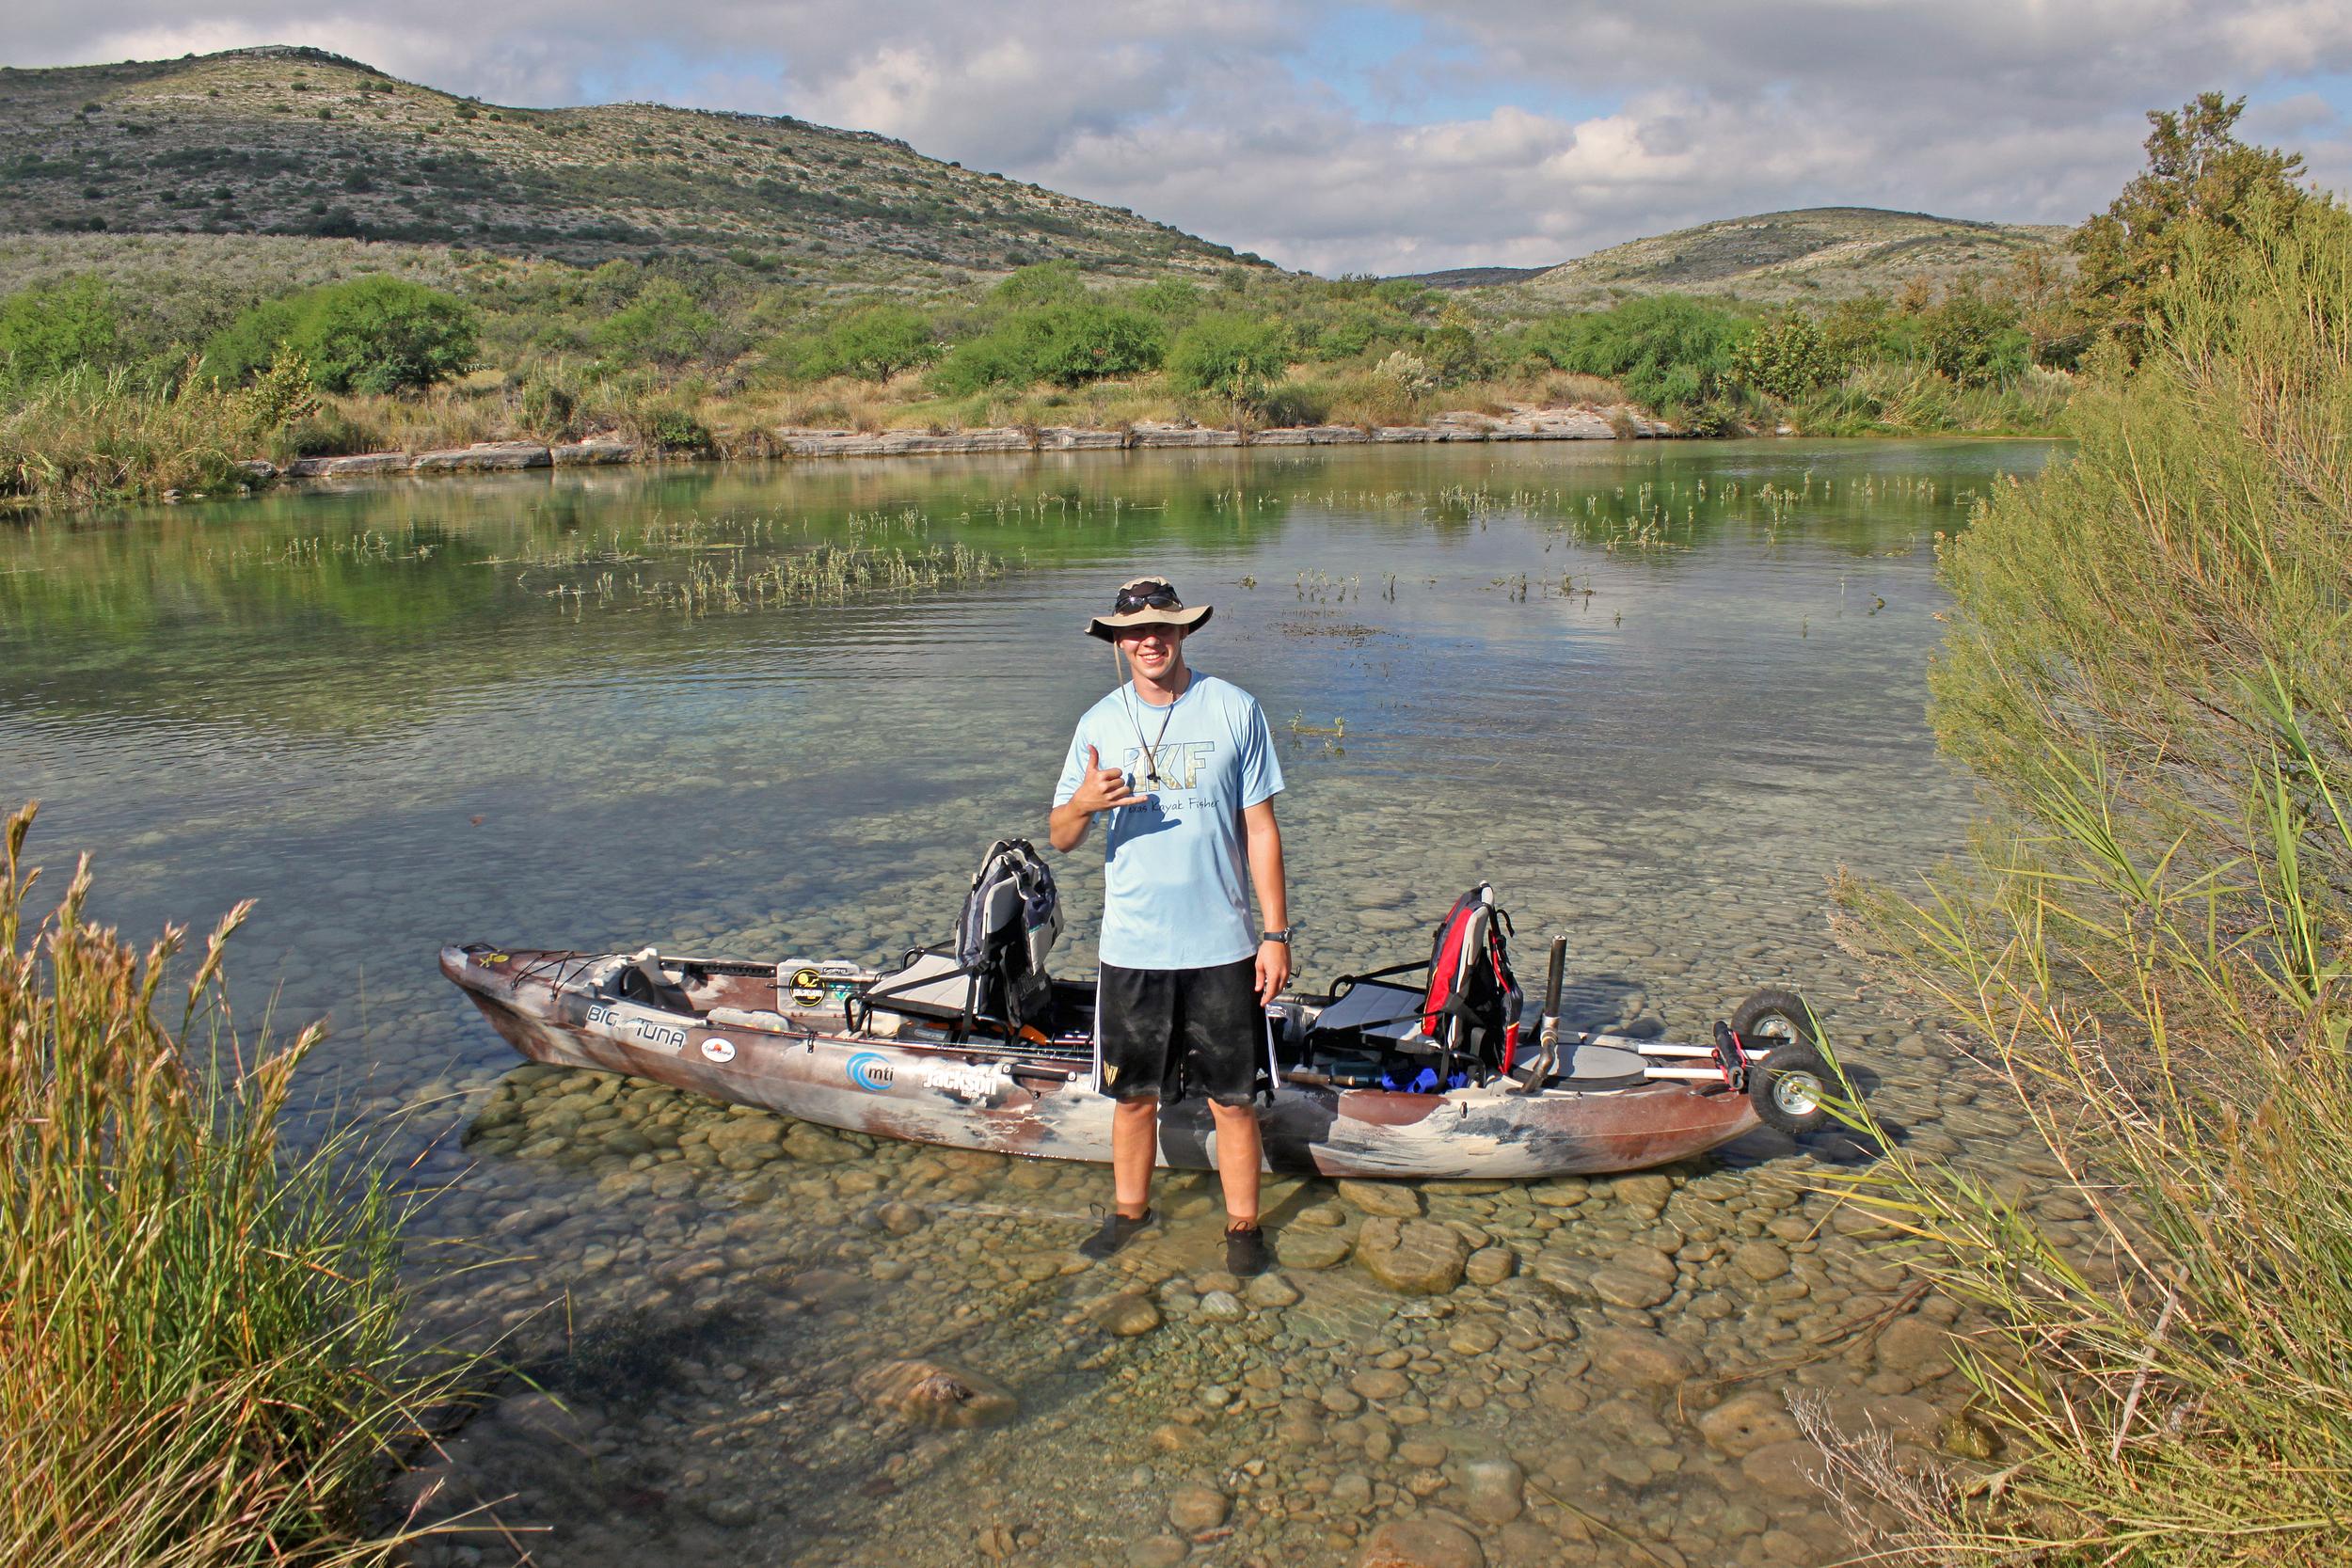 Jackson Kayak Big Tuna Review Clint Taylor Devils River